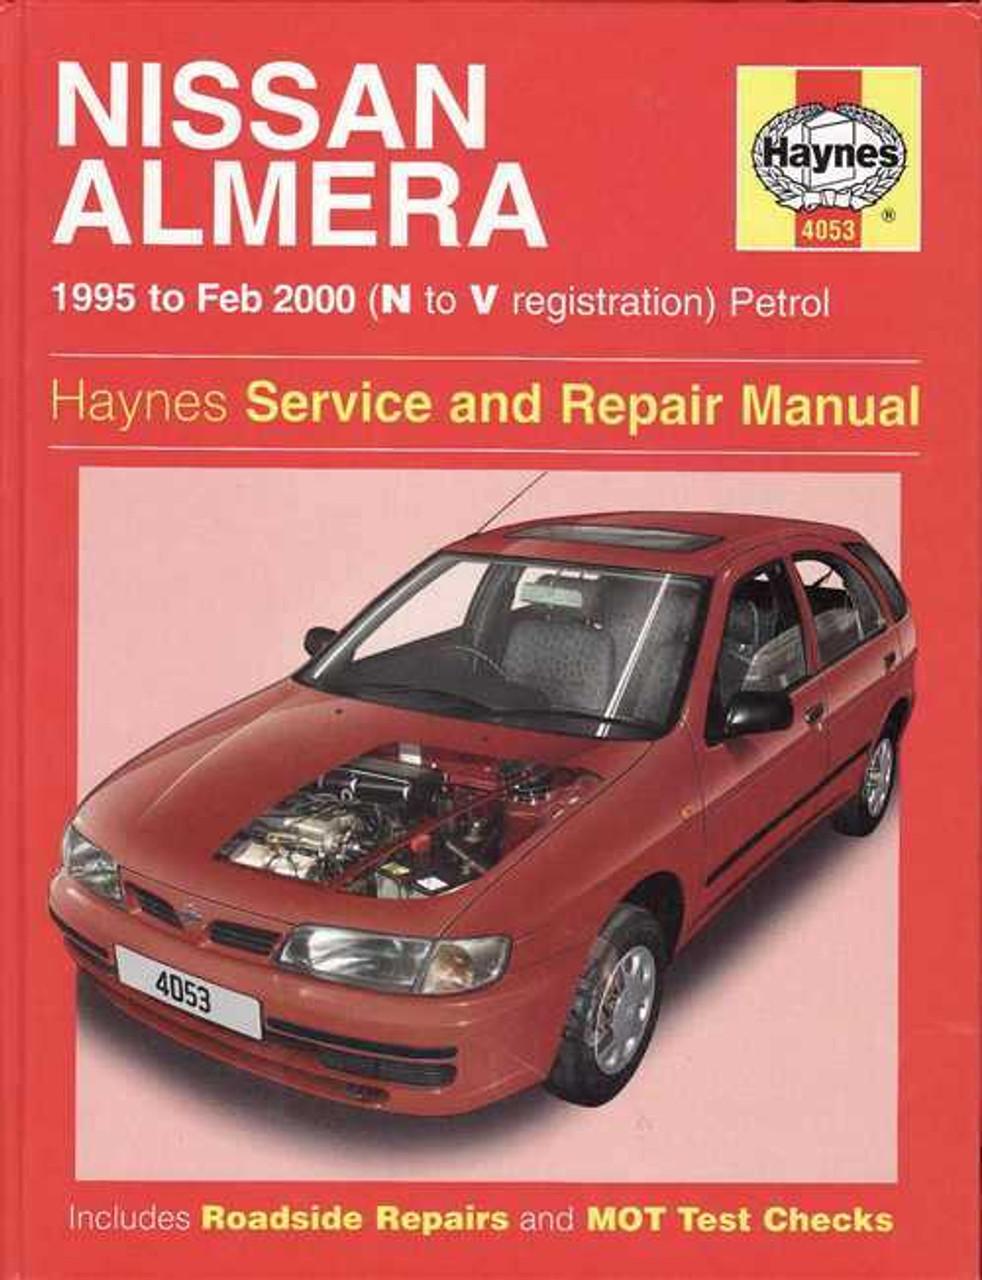 nissan almera pulsar n15 1995 2000 workshop manual rh automotobookshop com au 2010 Nissan Sentra 2014 Nissan Sentra